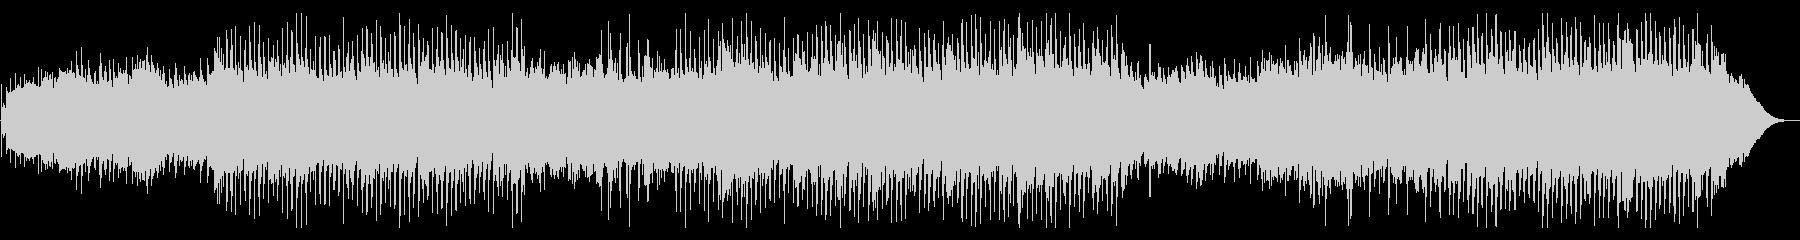 壮大ポップオーケストラの未再生の波形